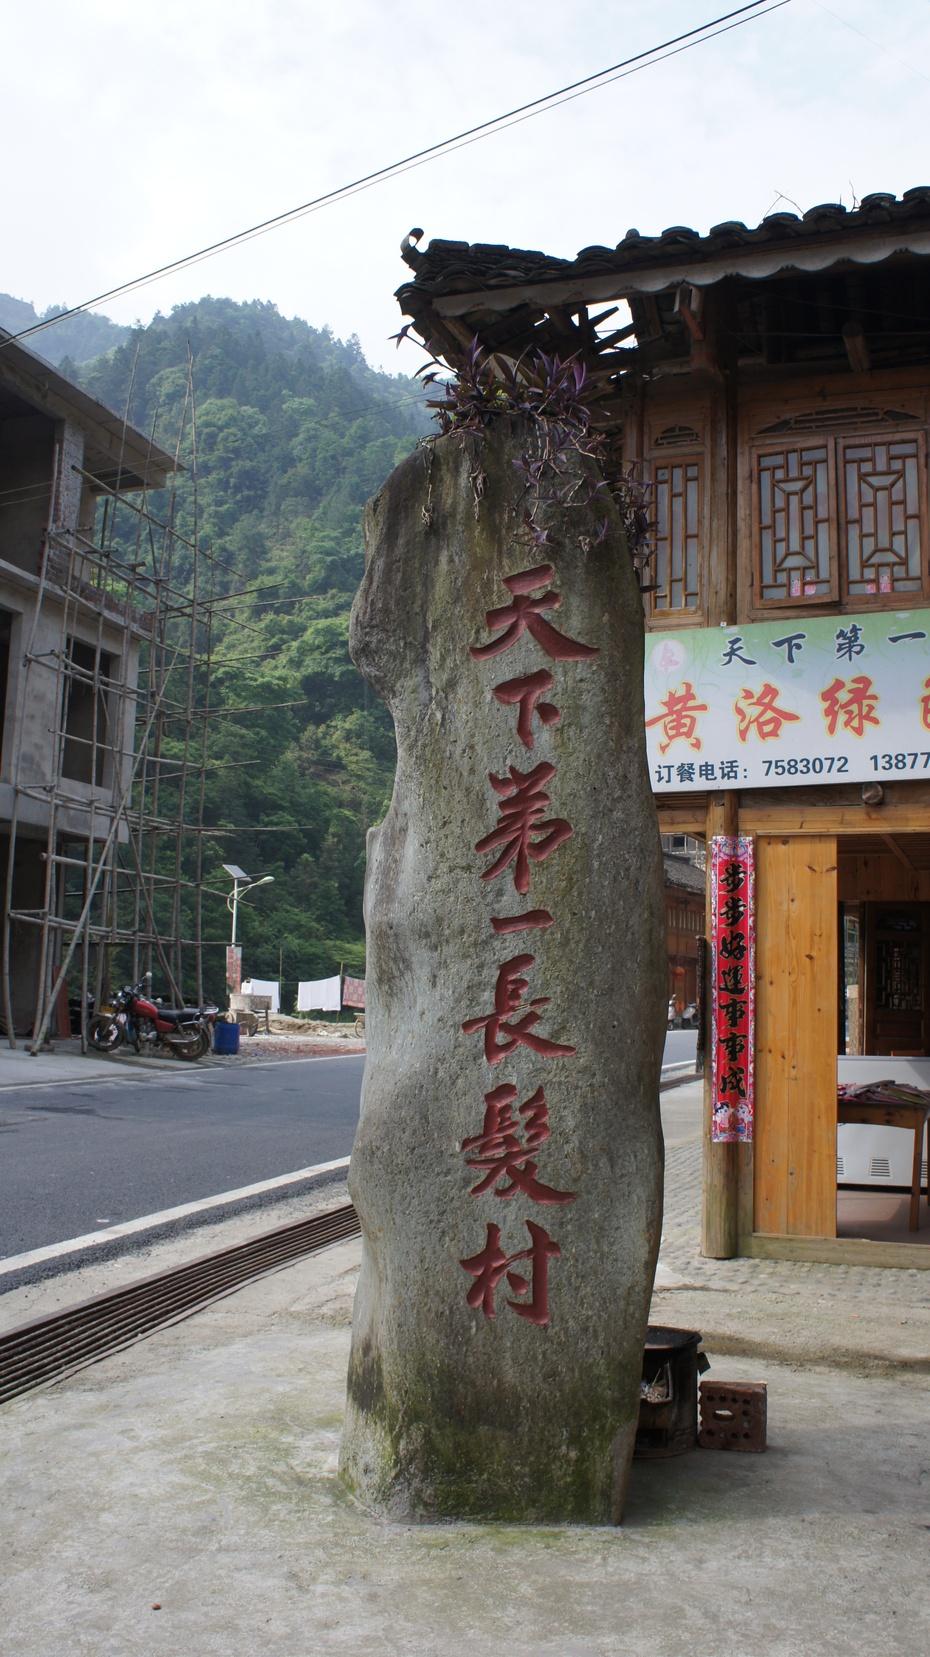 天下第一长发村: 黄洛瑶寨 - 余昌国 - 我的博客